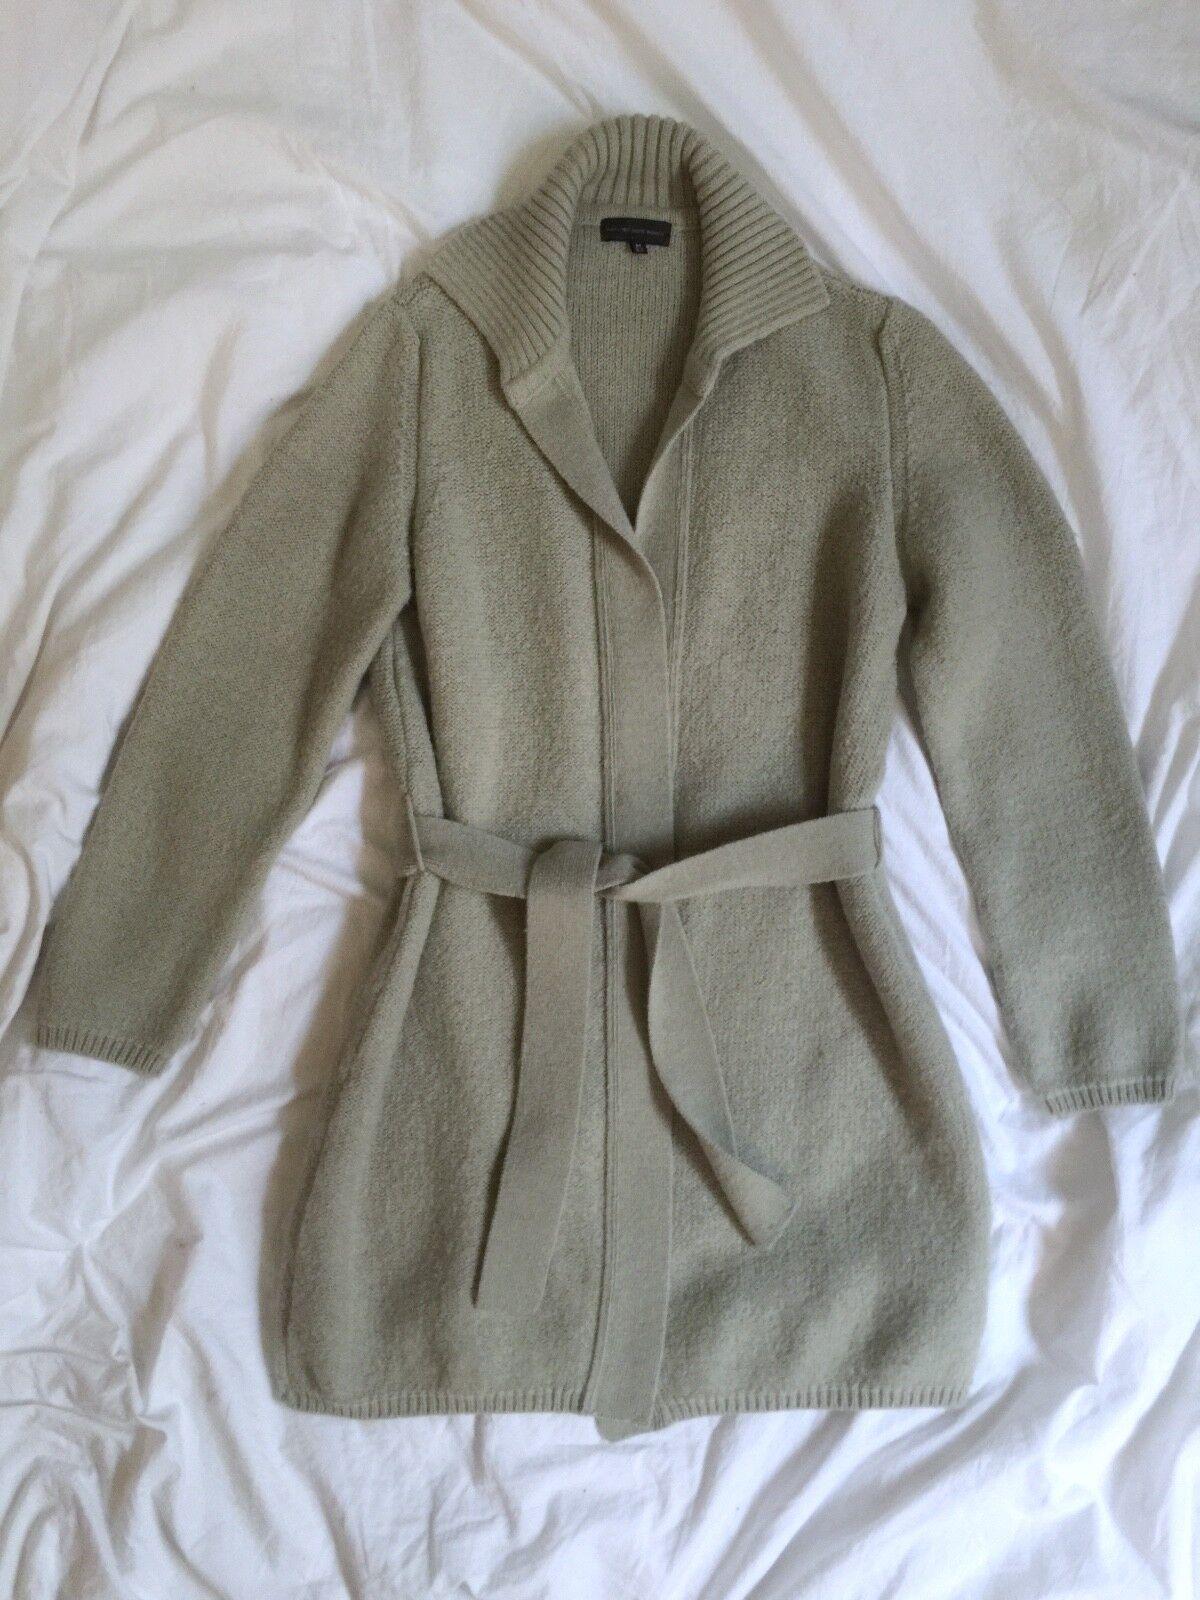 Massimo Dutti Sweater Abrigo Medio Longitud Acné  verde Menta Talla M Ok XS S M Chaqueta  Hay más marcas de productos de alta calidad.